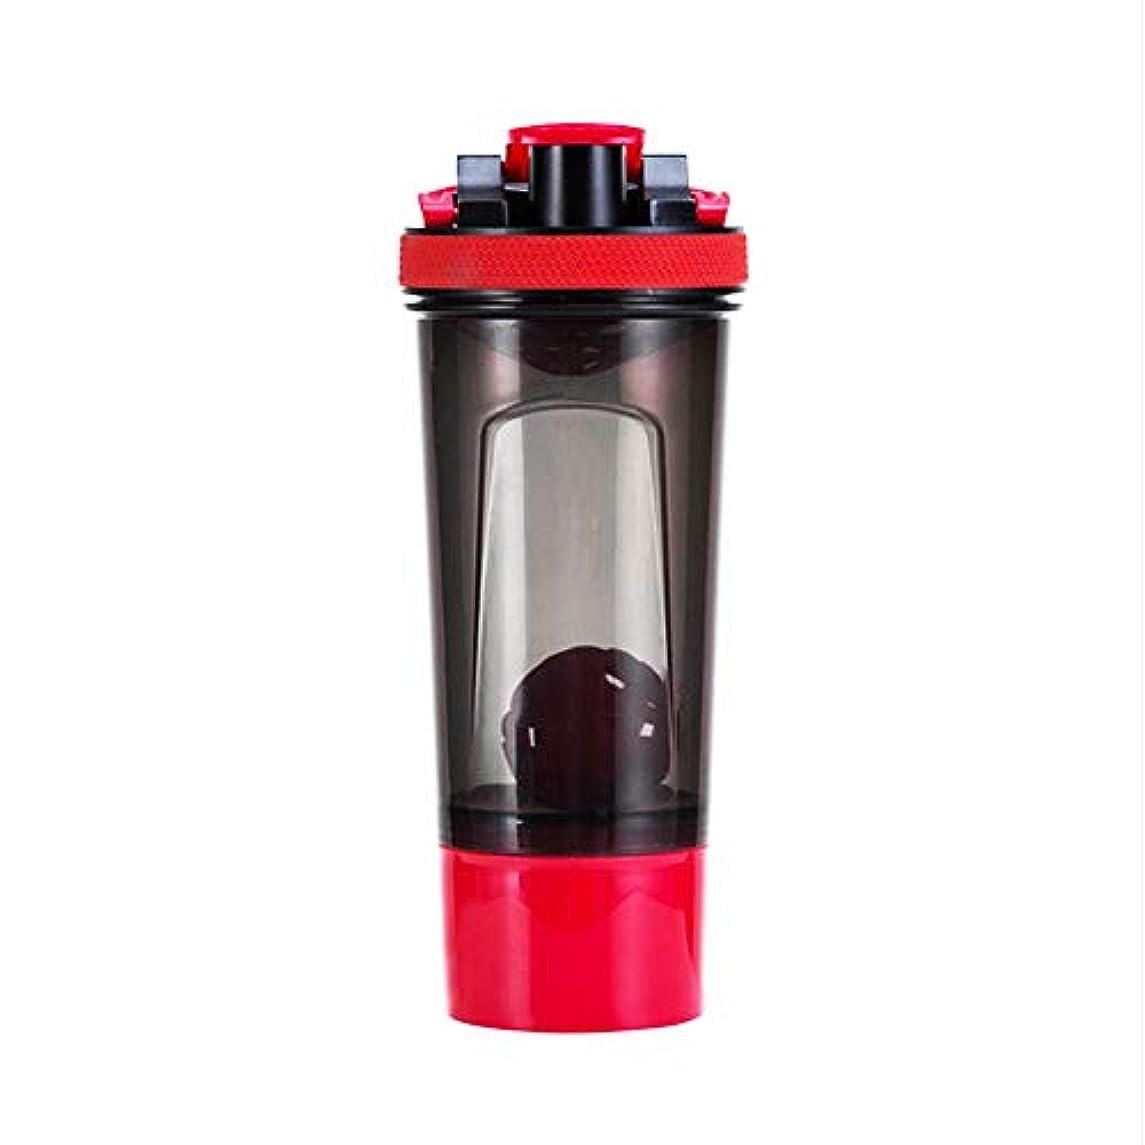 アイザックモジュール豚SevenAndEight プロテインシェイカー シェーカーボトル タンパク質粉末シェーカーカップ フィットネス用 プラスチック 目盛り ジム ダイエット スポーツ